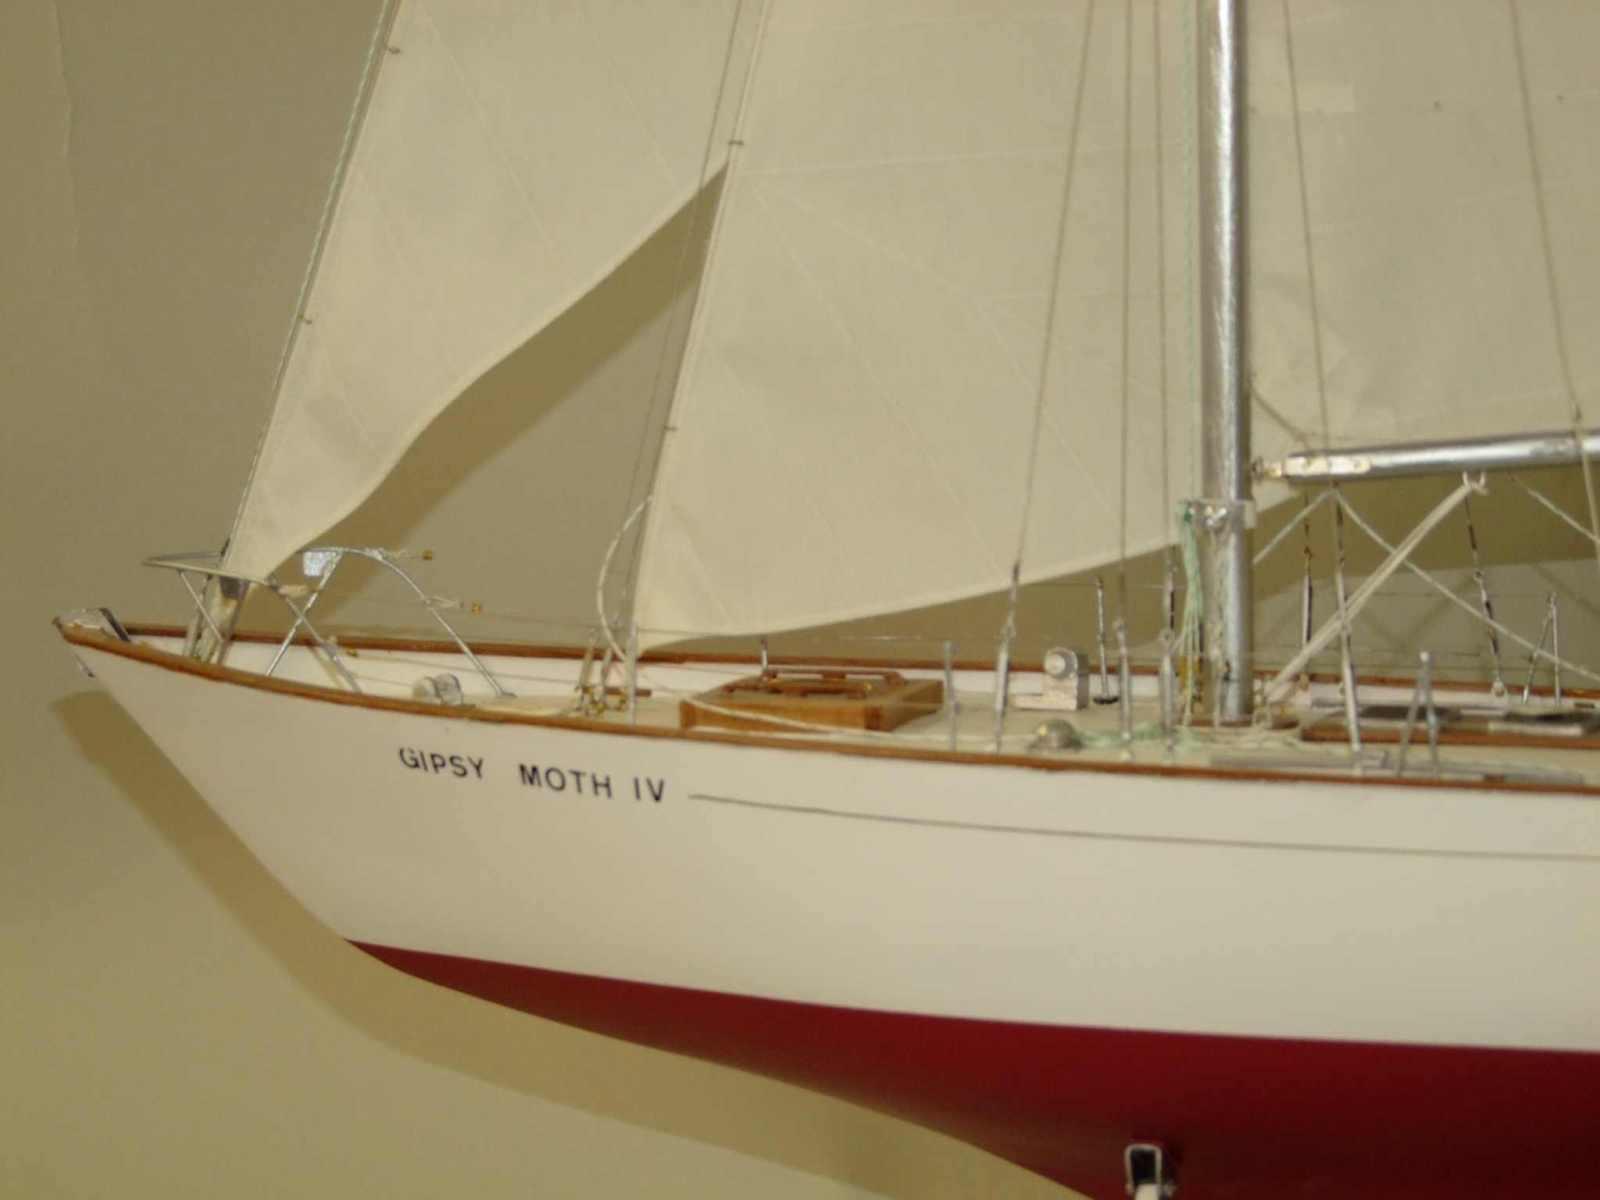 Maquette de Gipsy Moth IV Bateau de course au large de Francis Chichester Voilier